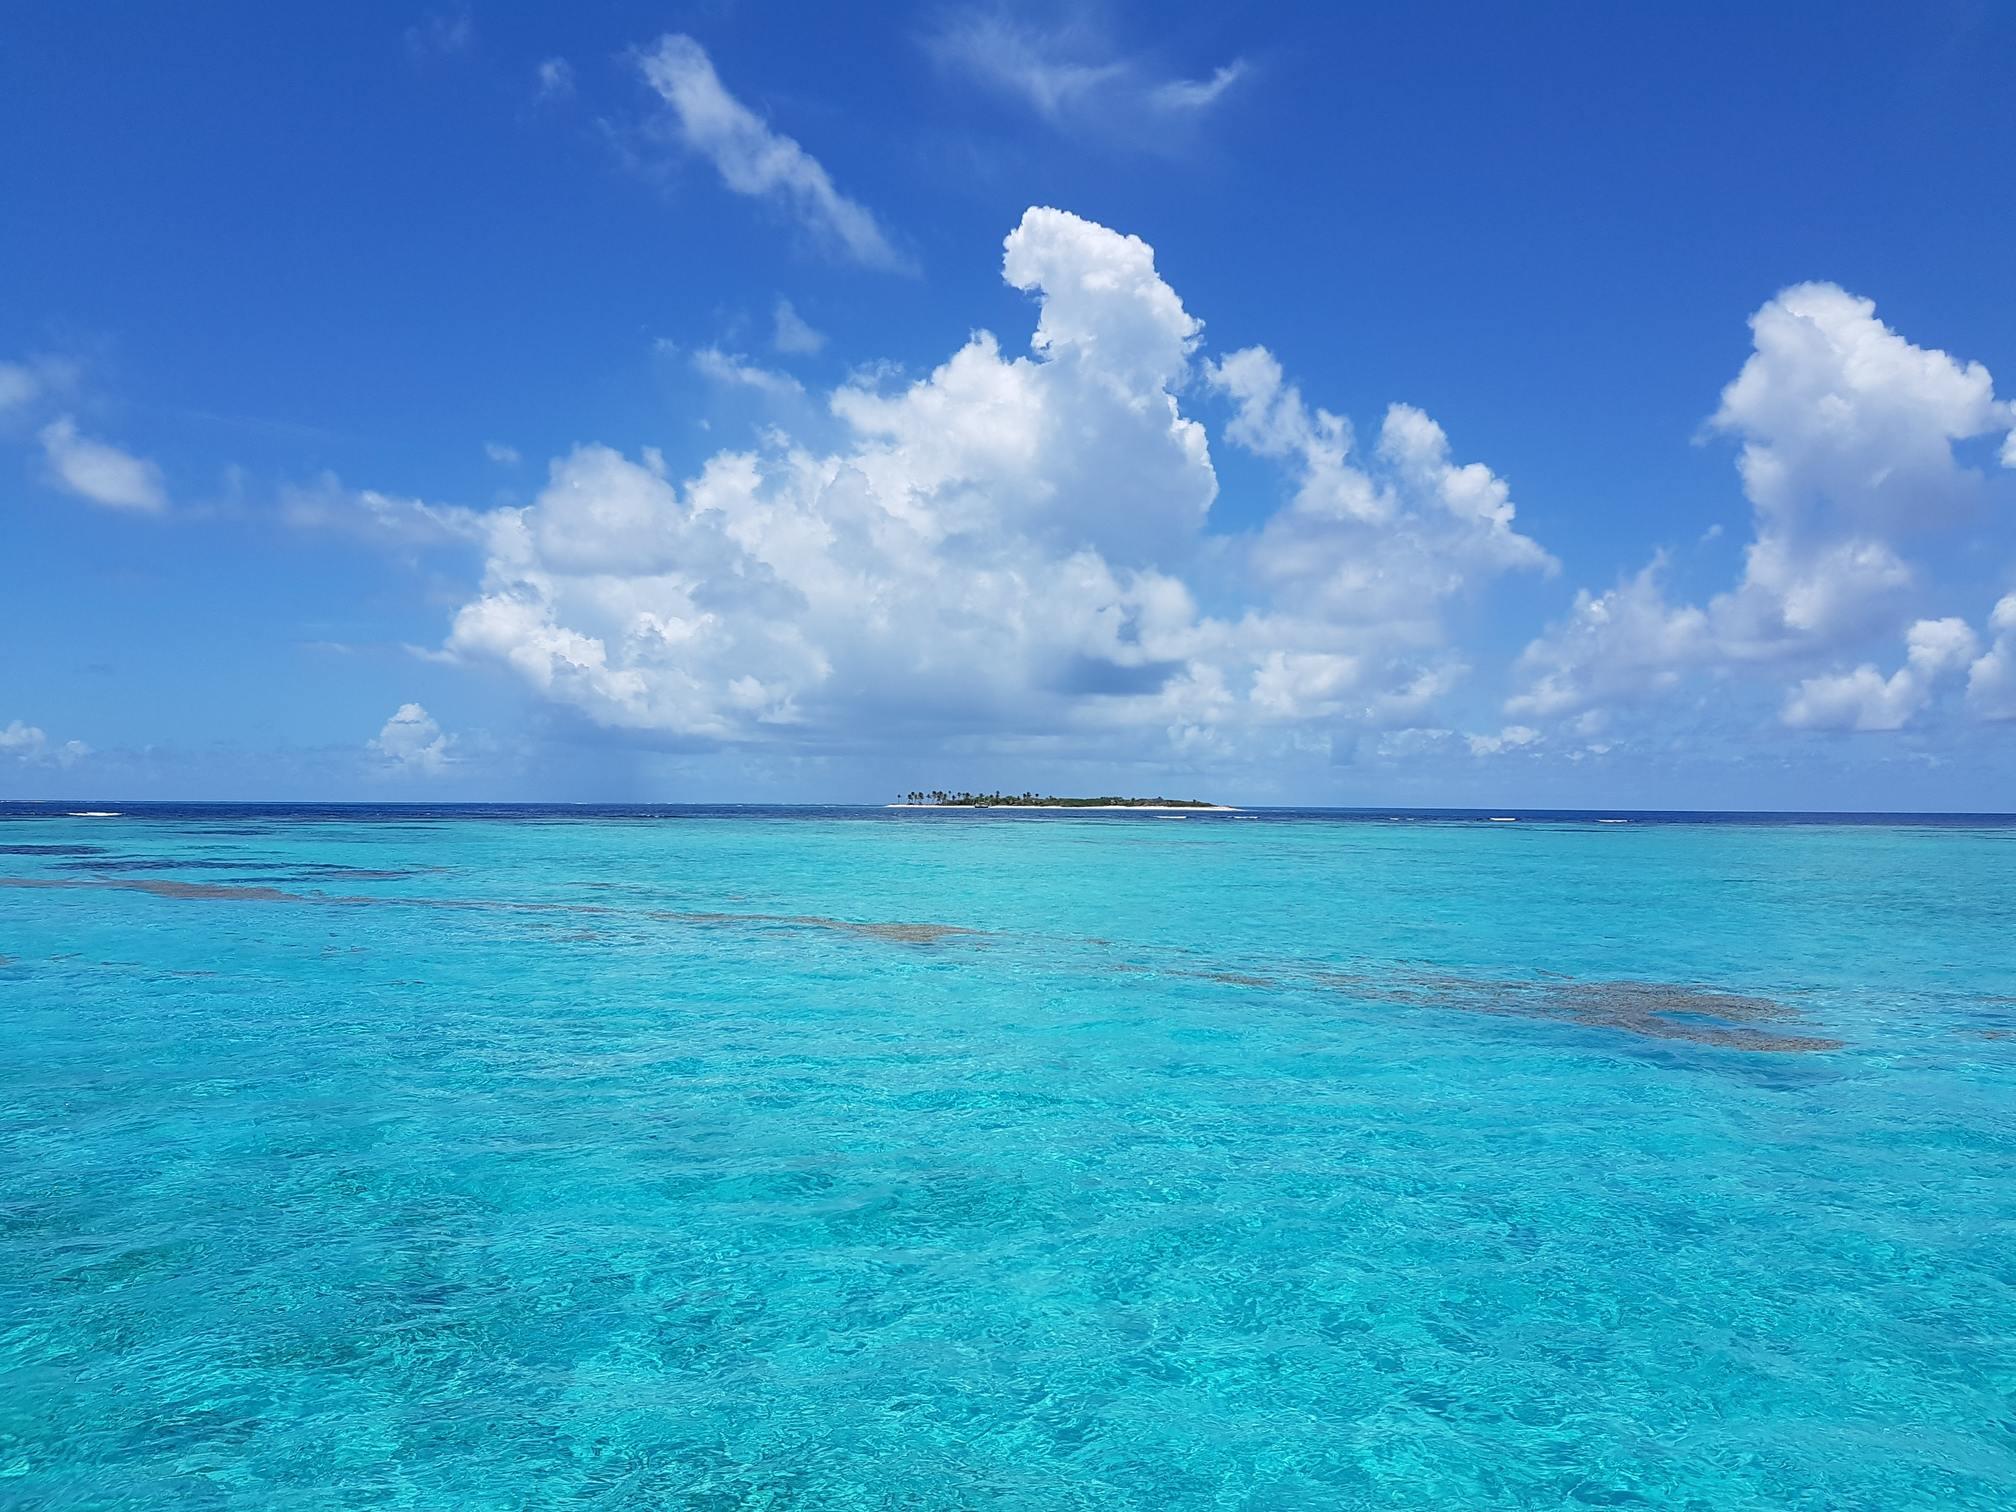 Hình ảnh bầu trời xanh trong và biển